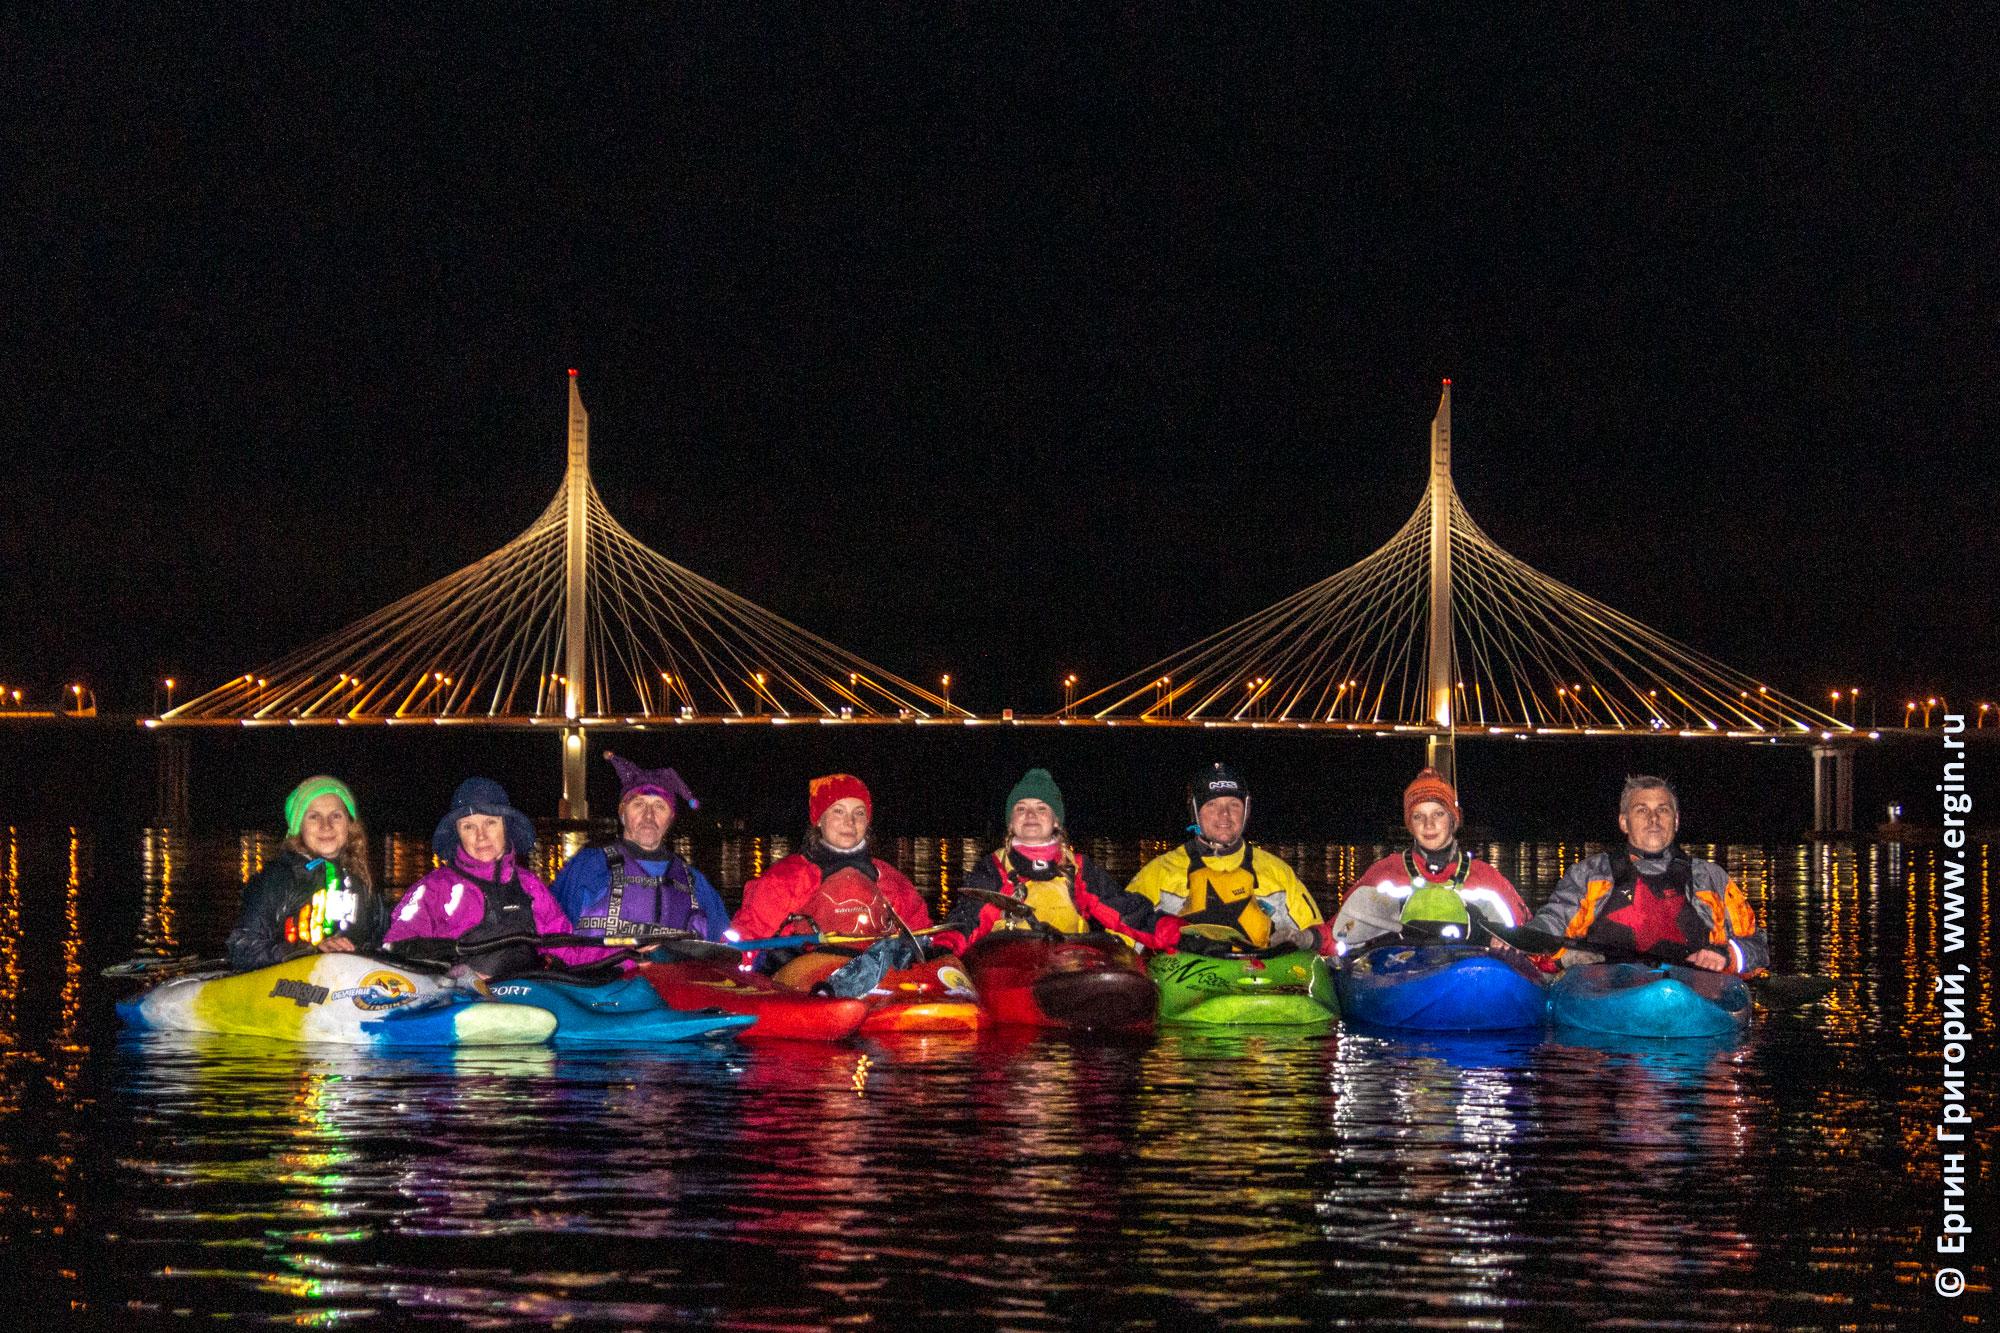 Каякеры под вантовым мостом ЗСД в Санкт-Петербурге ночью